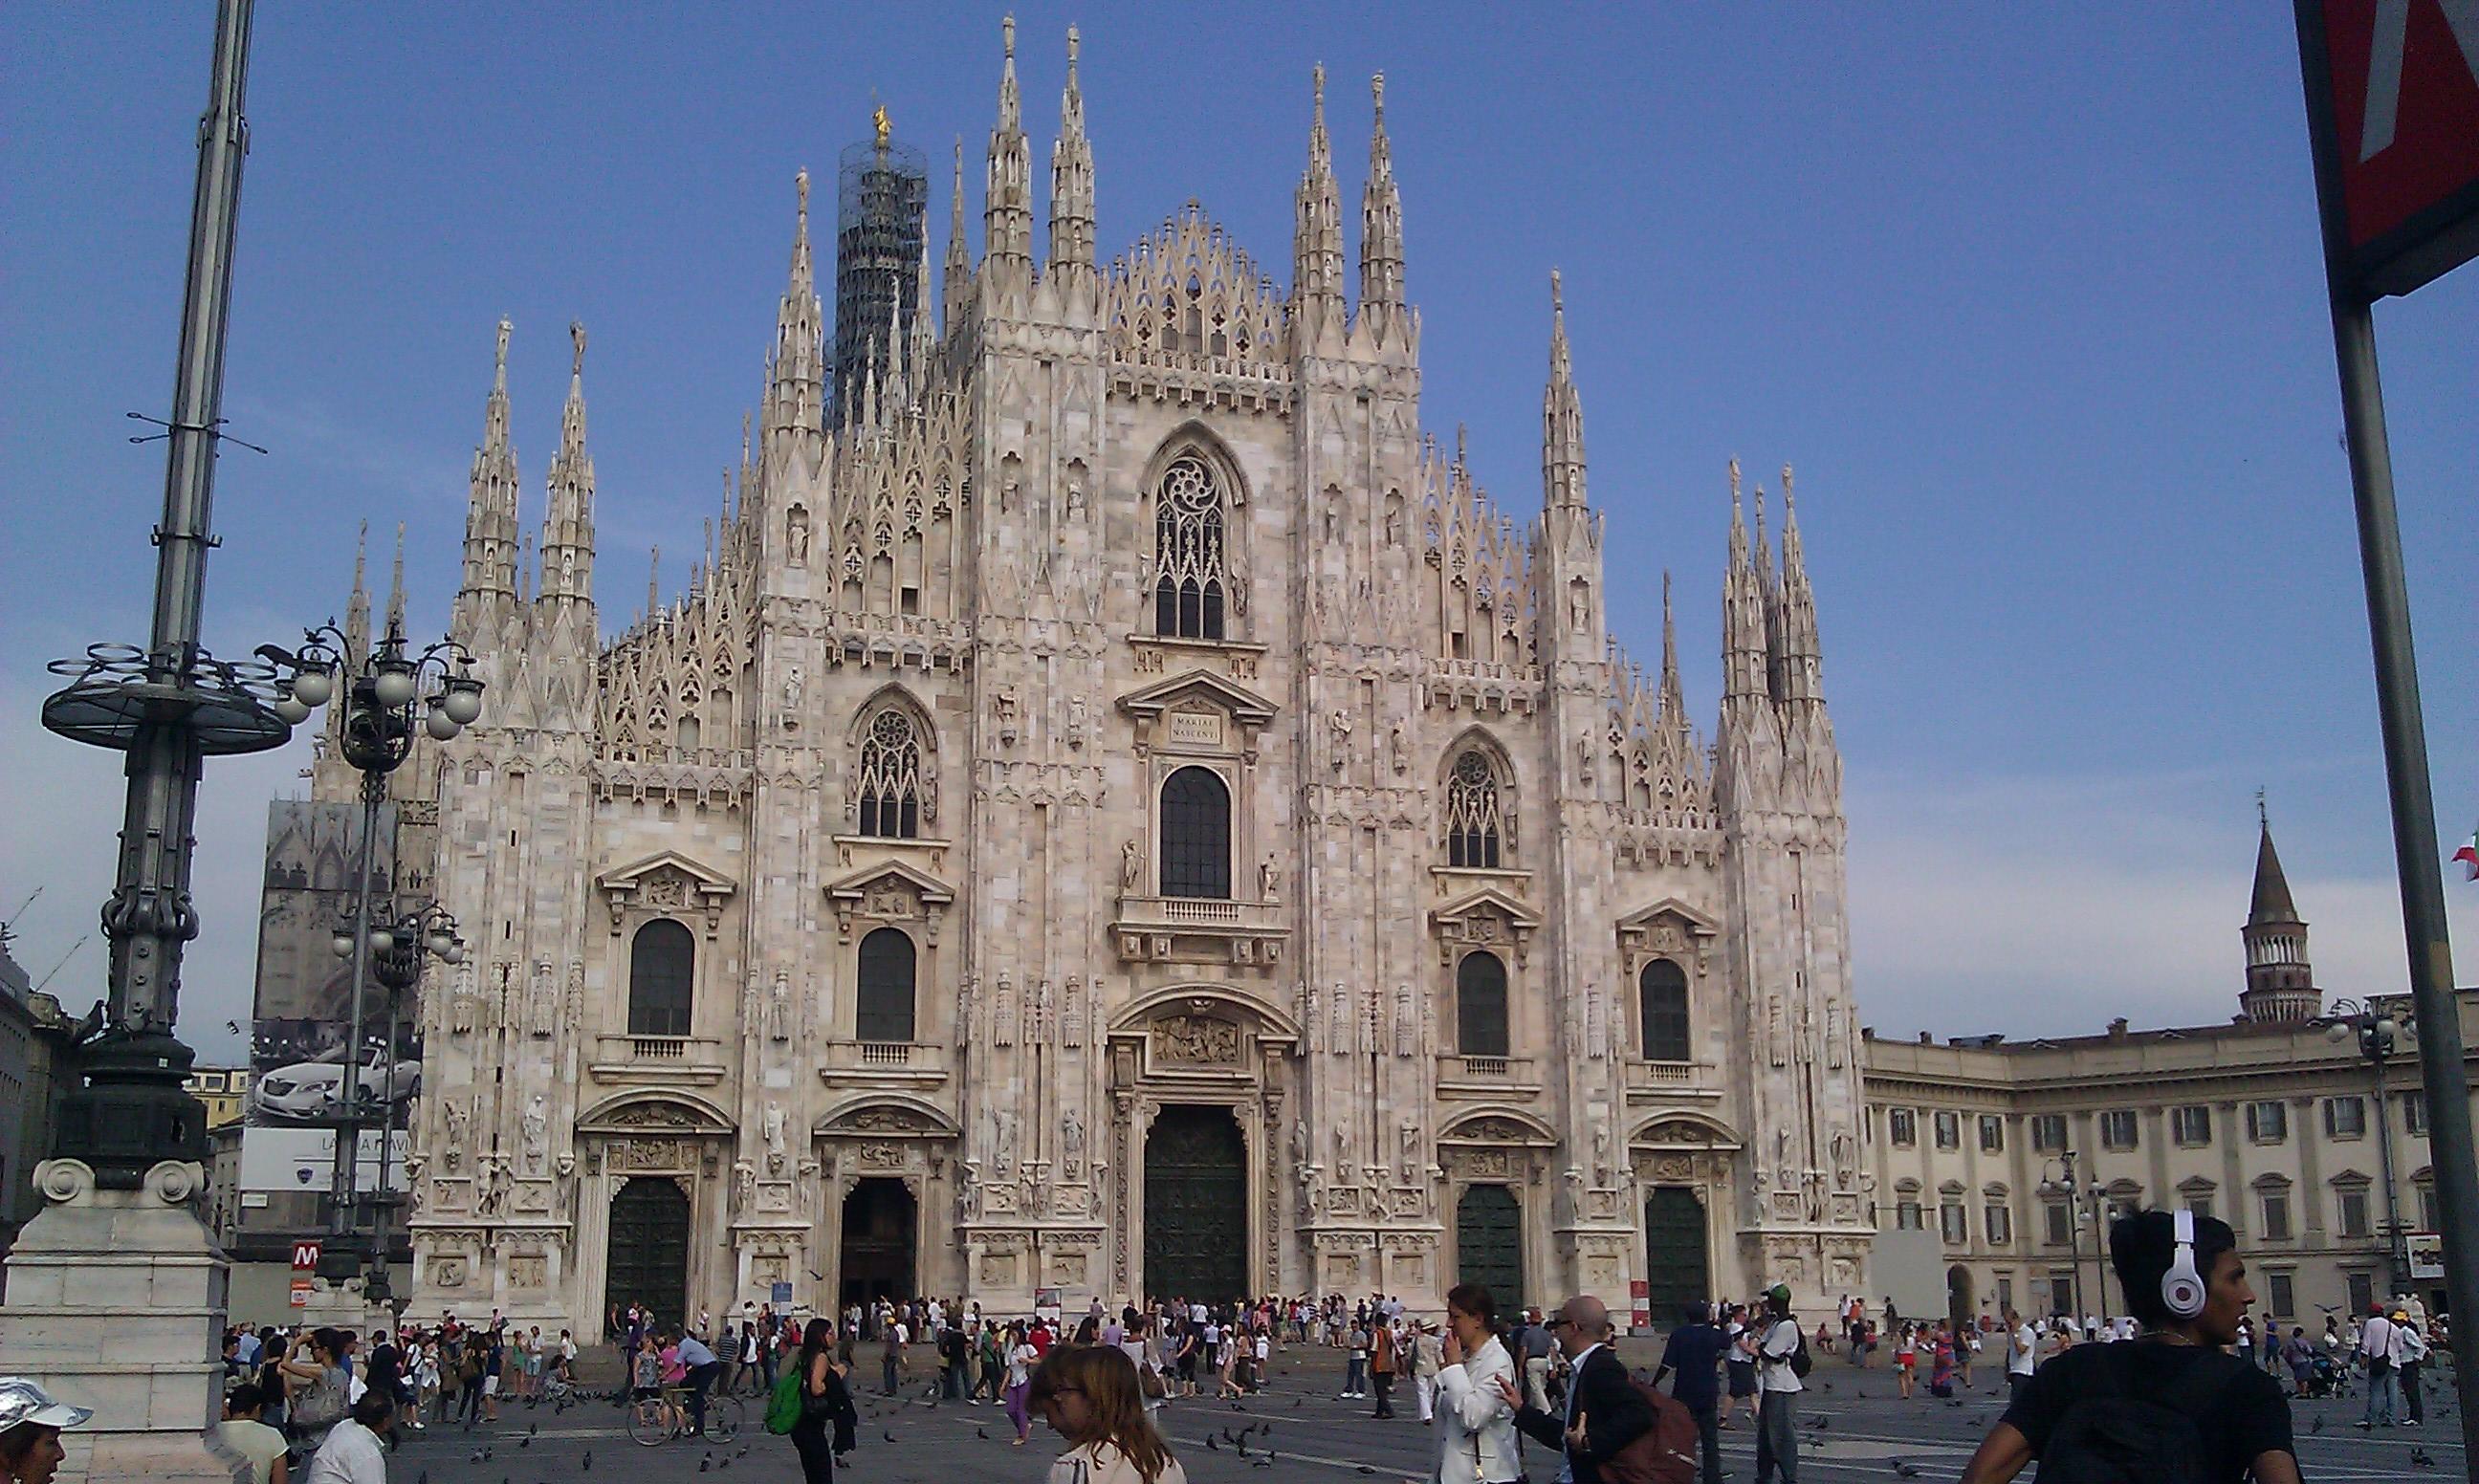 Der Dom in der Innenstadt von Mailand